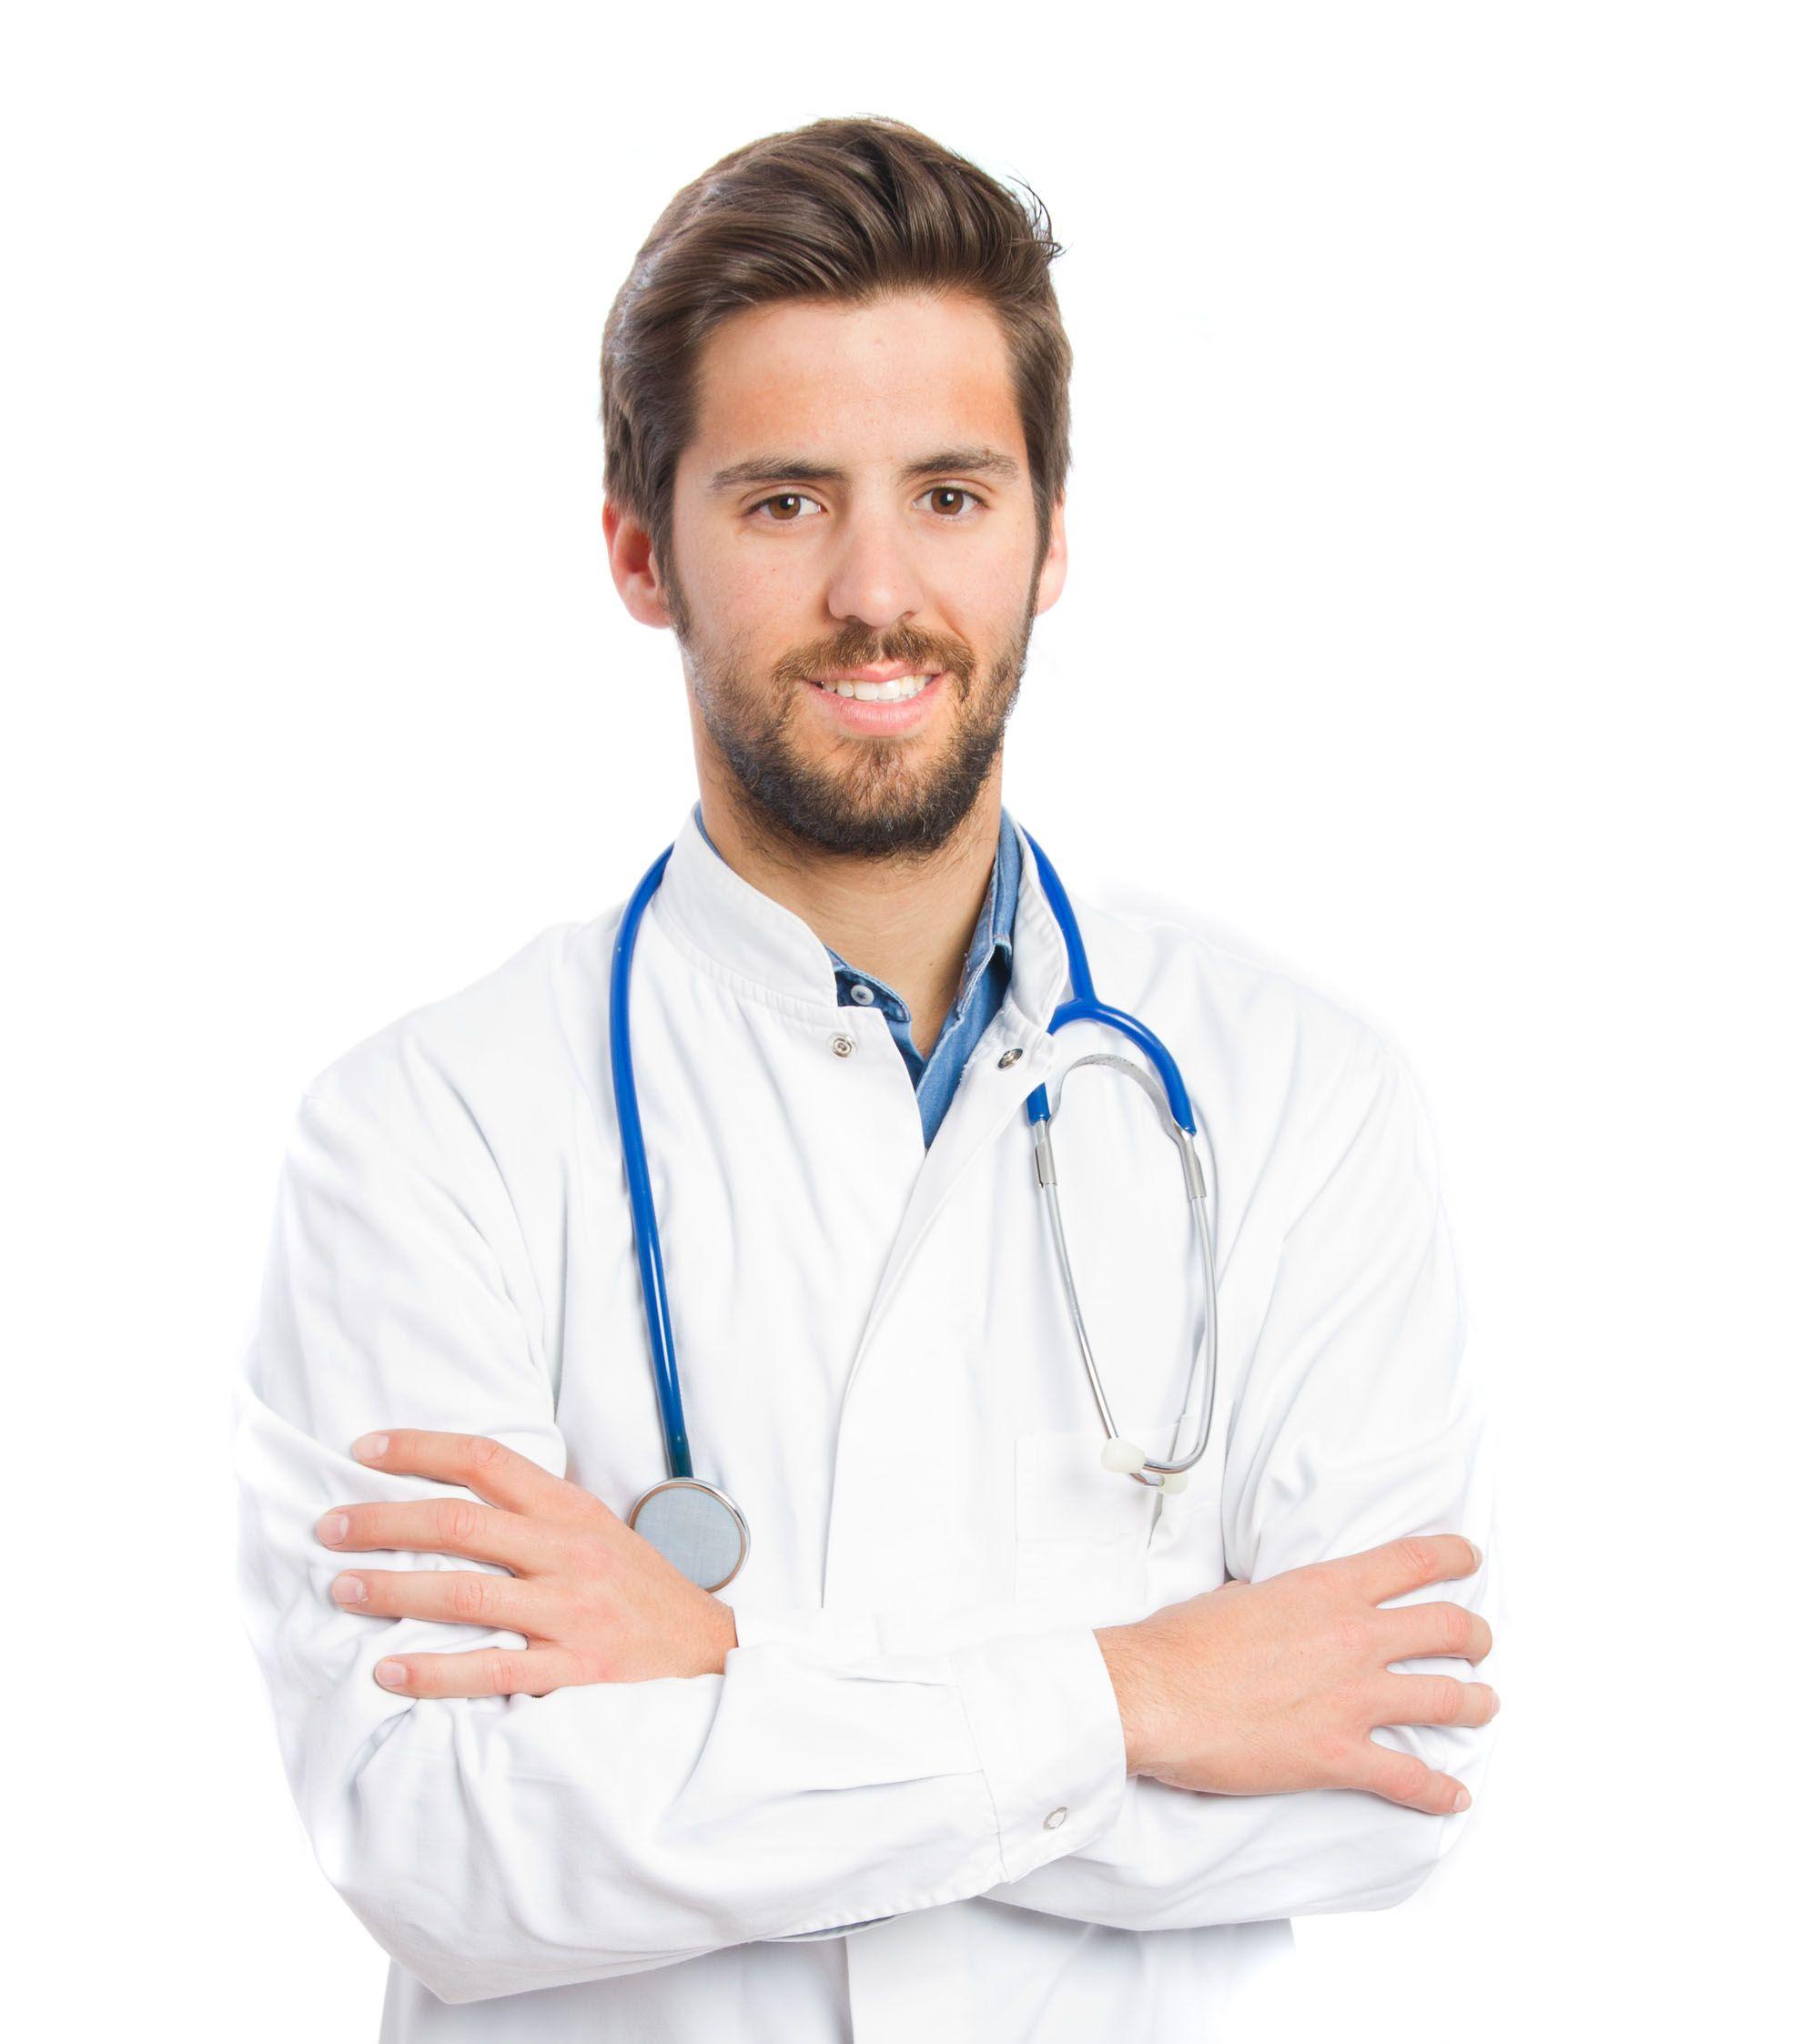 Lékař zklinické praxe doporučujepřípravky Energy